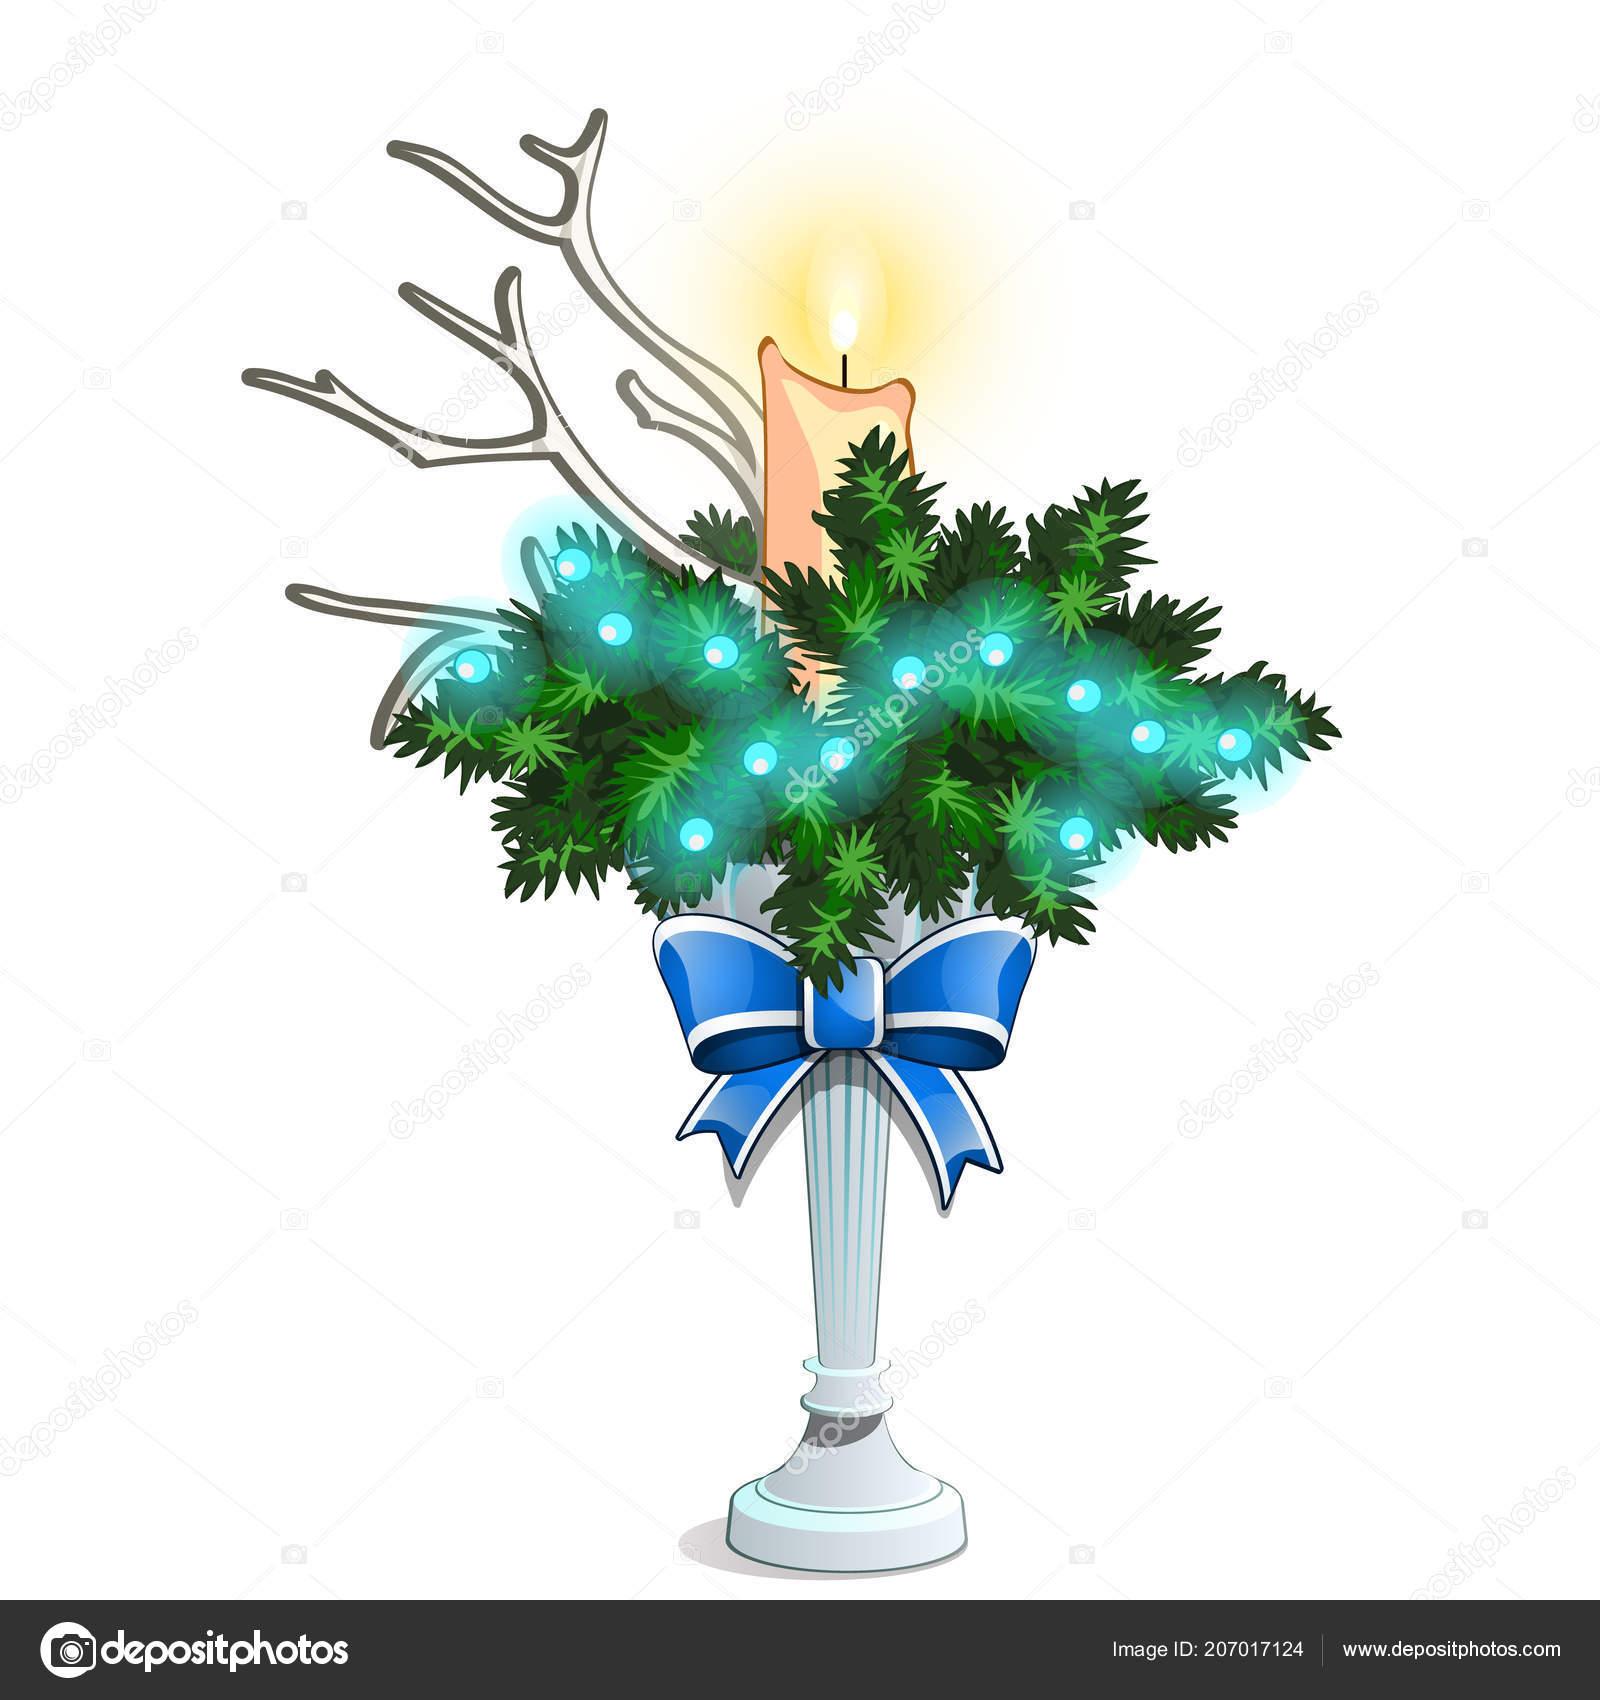 kerst schets met een decoratieve regeling van takken van de spar en de hoorns van het hert met een brandende kaars feestelijke interieur ideen